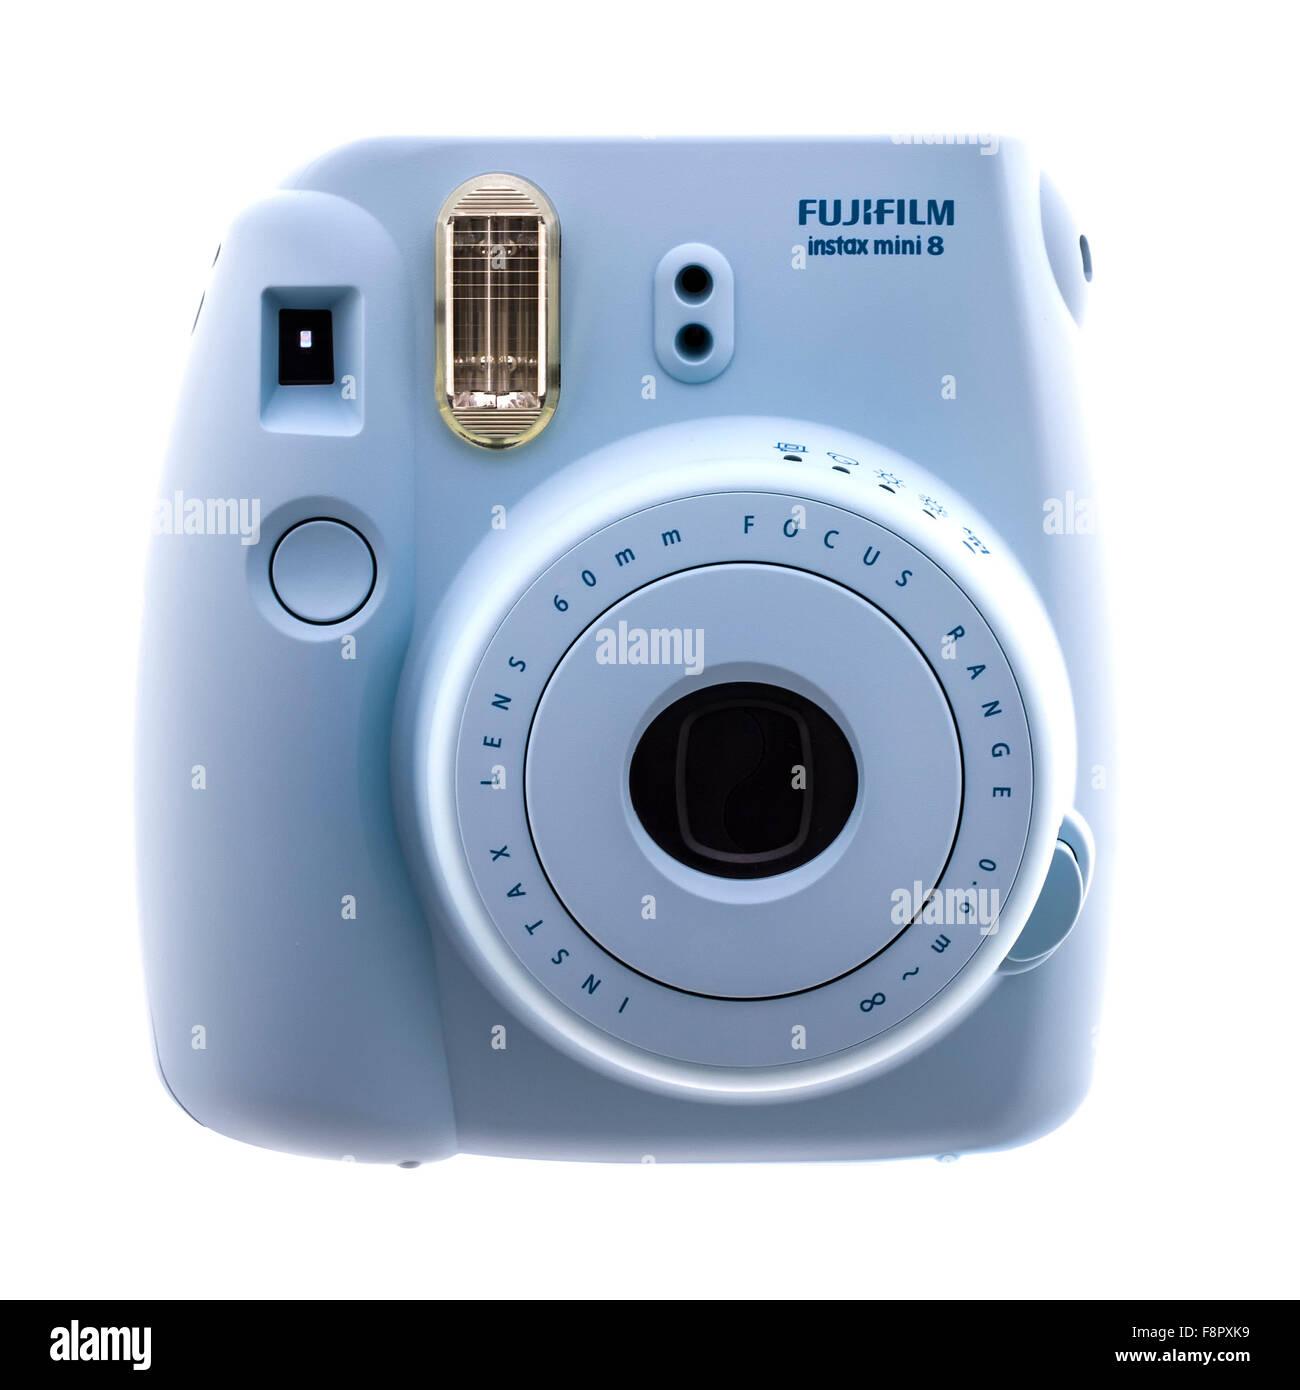 Fuji Film Instax Mini 8 telecamere su uno sfondo bianco Immagini Stock